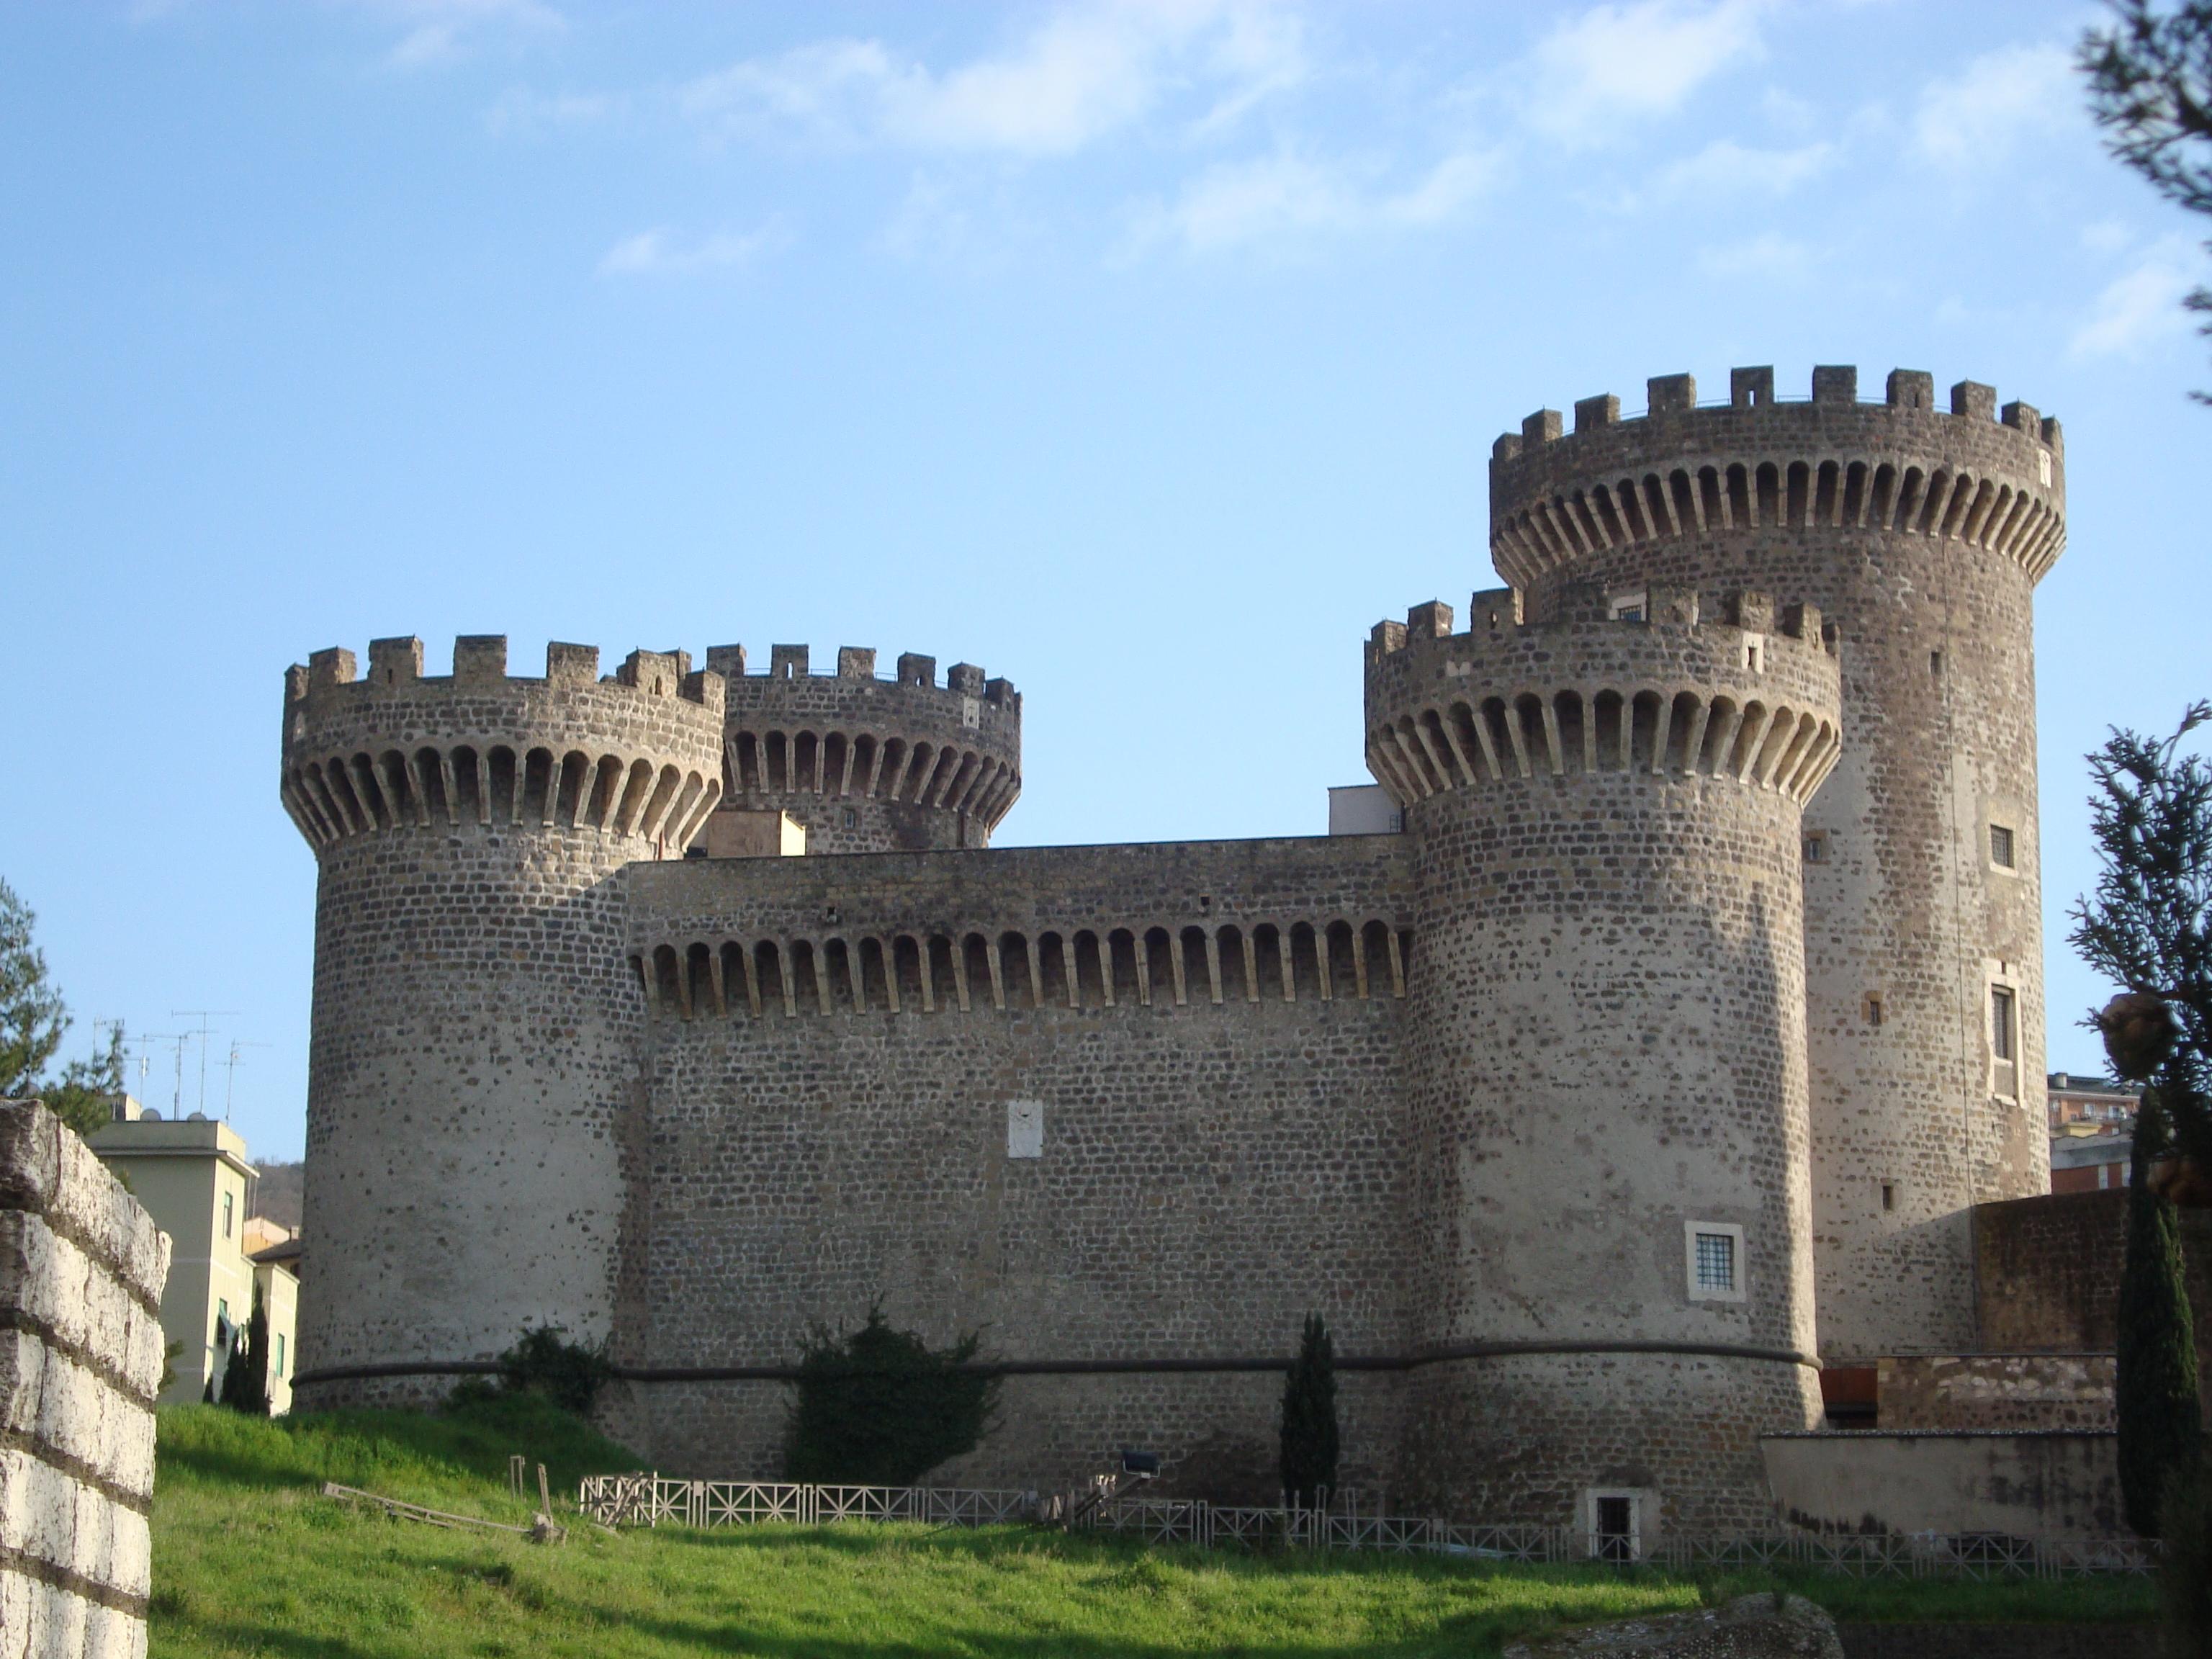 Rocca Pia in Tivoli